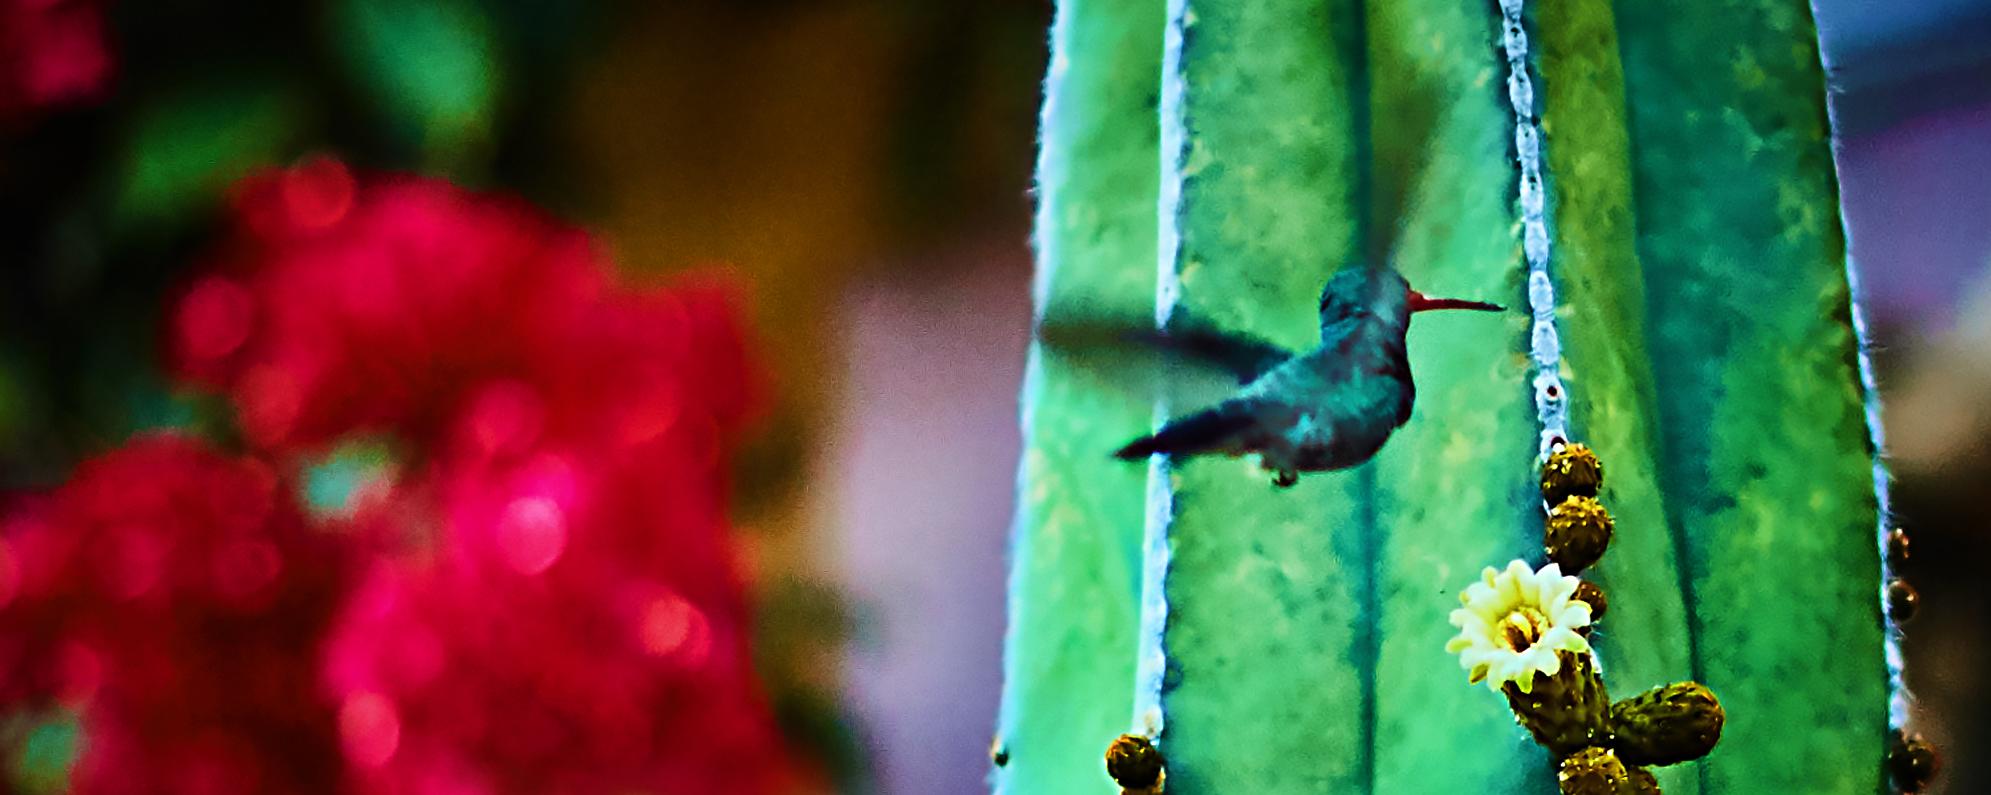 San Miguel de Allende 25 copy.jpg